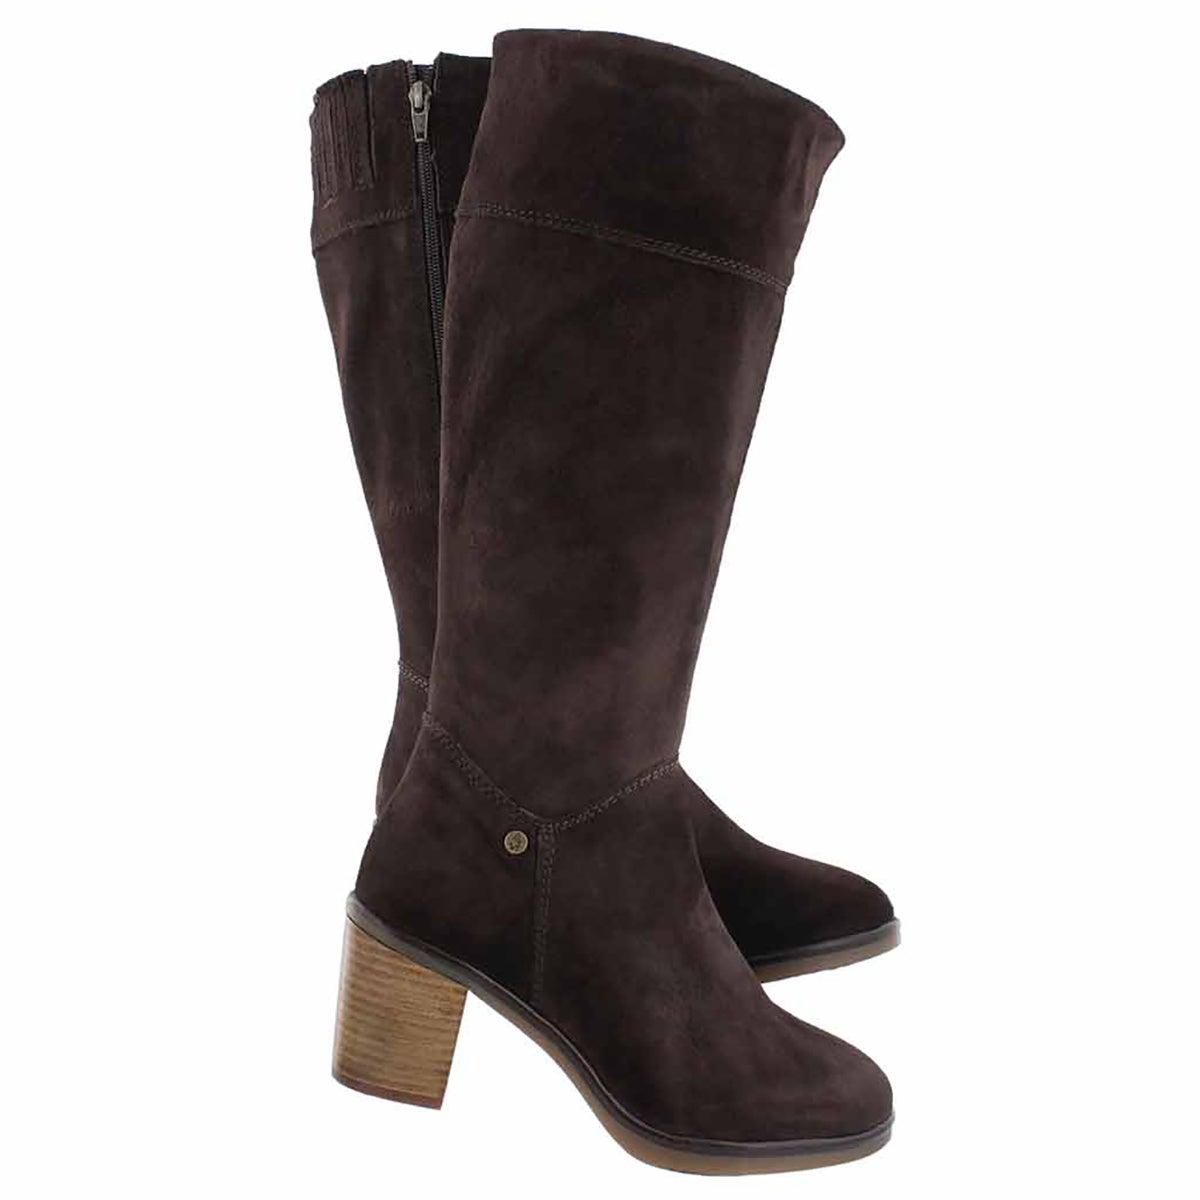 Lds Saun Olivya dk brn high dress boot